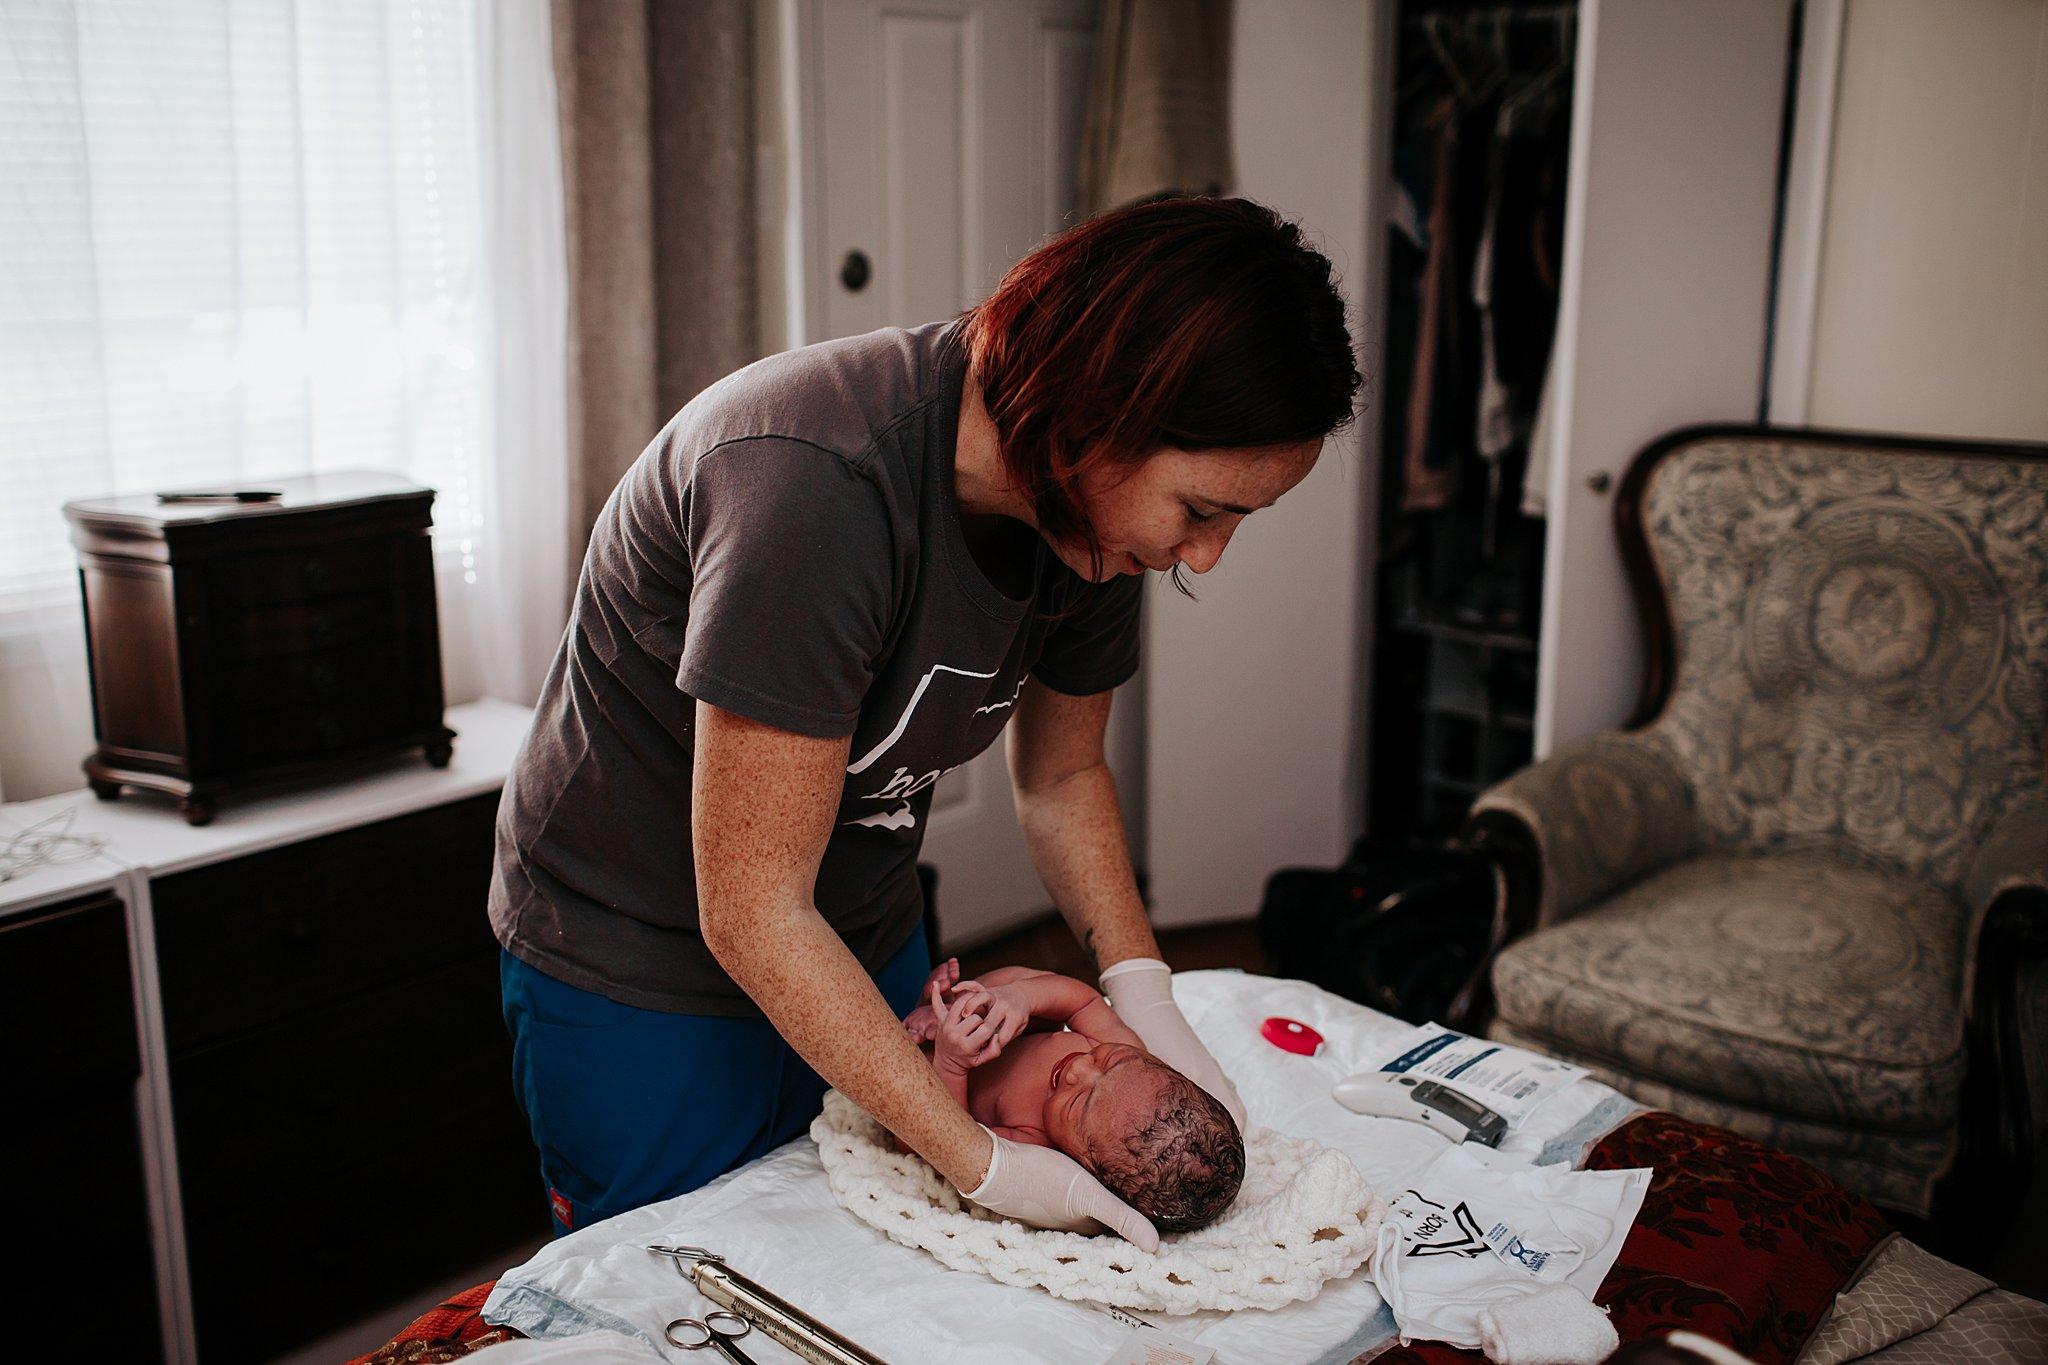 Gemma-San-Antonio-Birth-Photographer-231_WEB.jpg